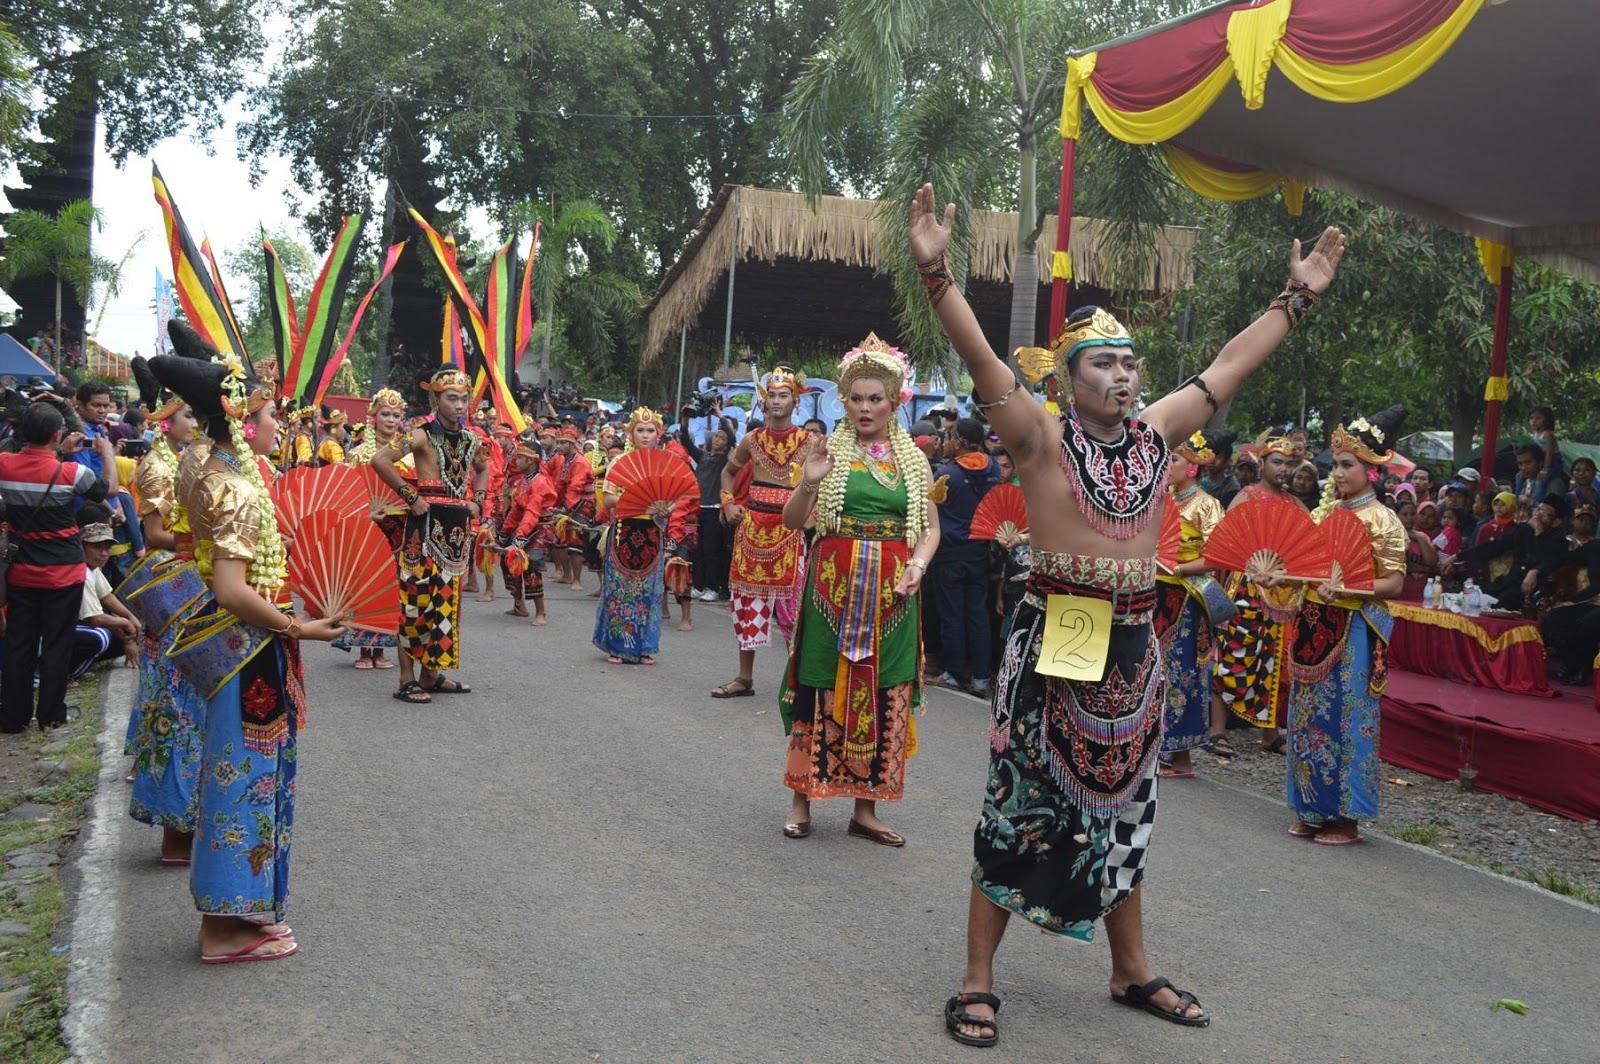 C52 Onlen October 2016 Acara Kirab Ruwat Agung Nuswantara Foto